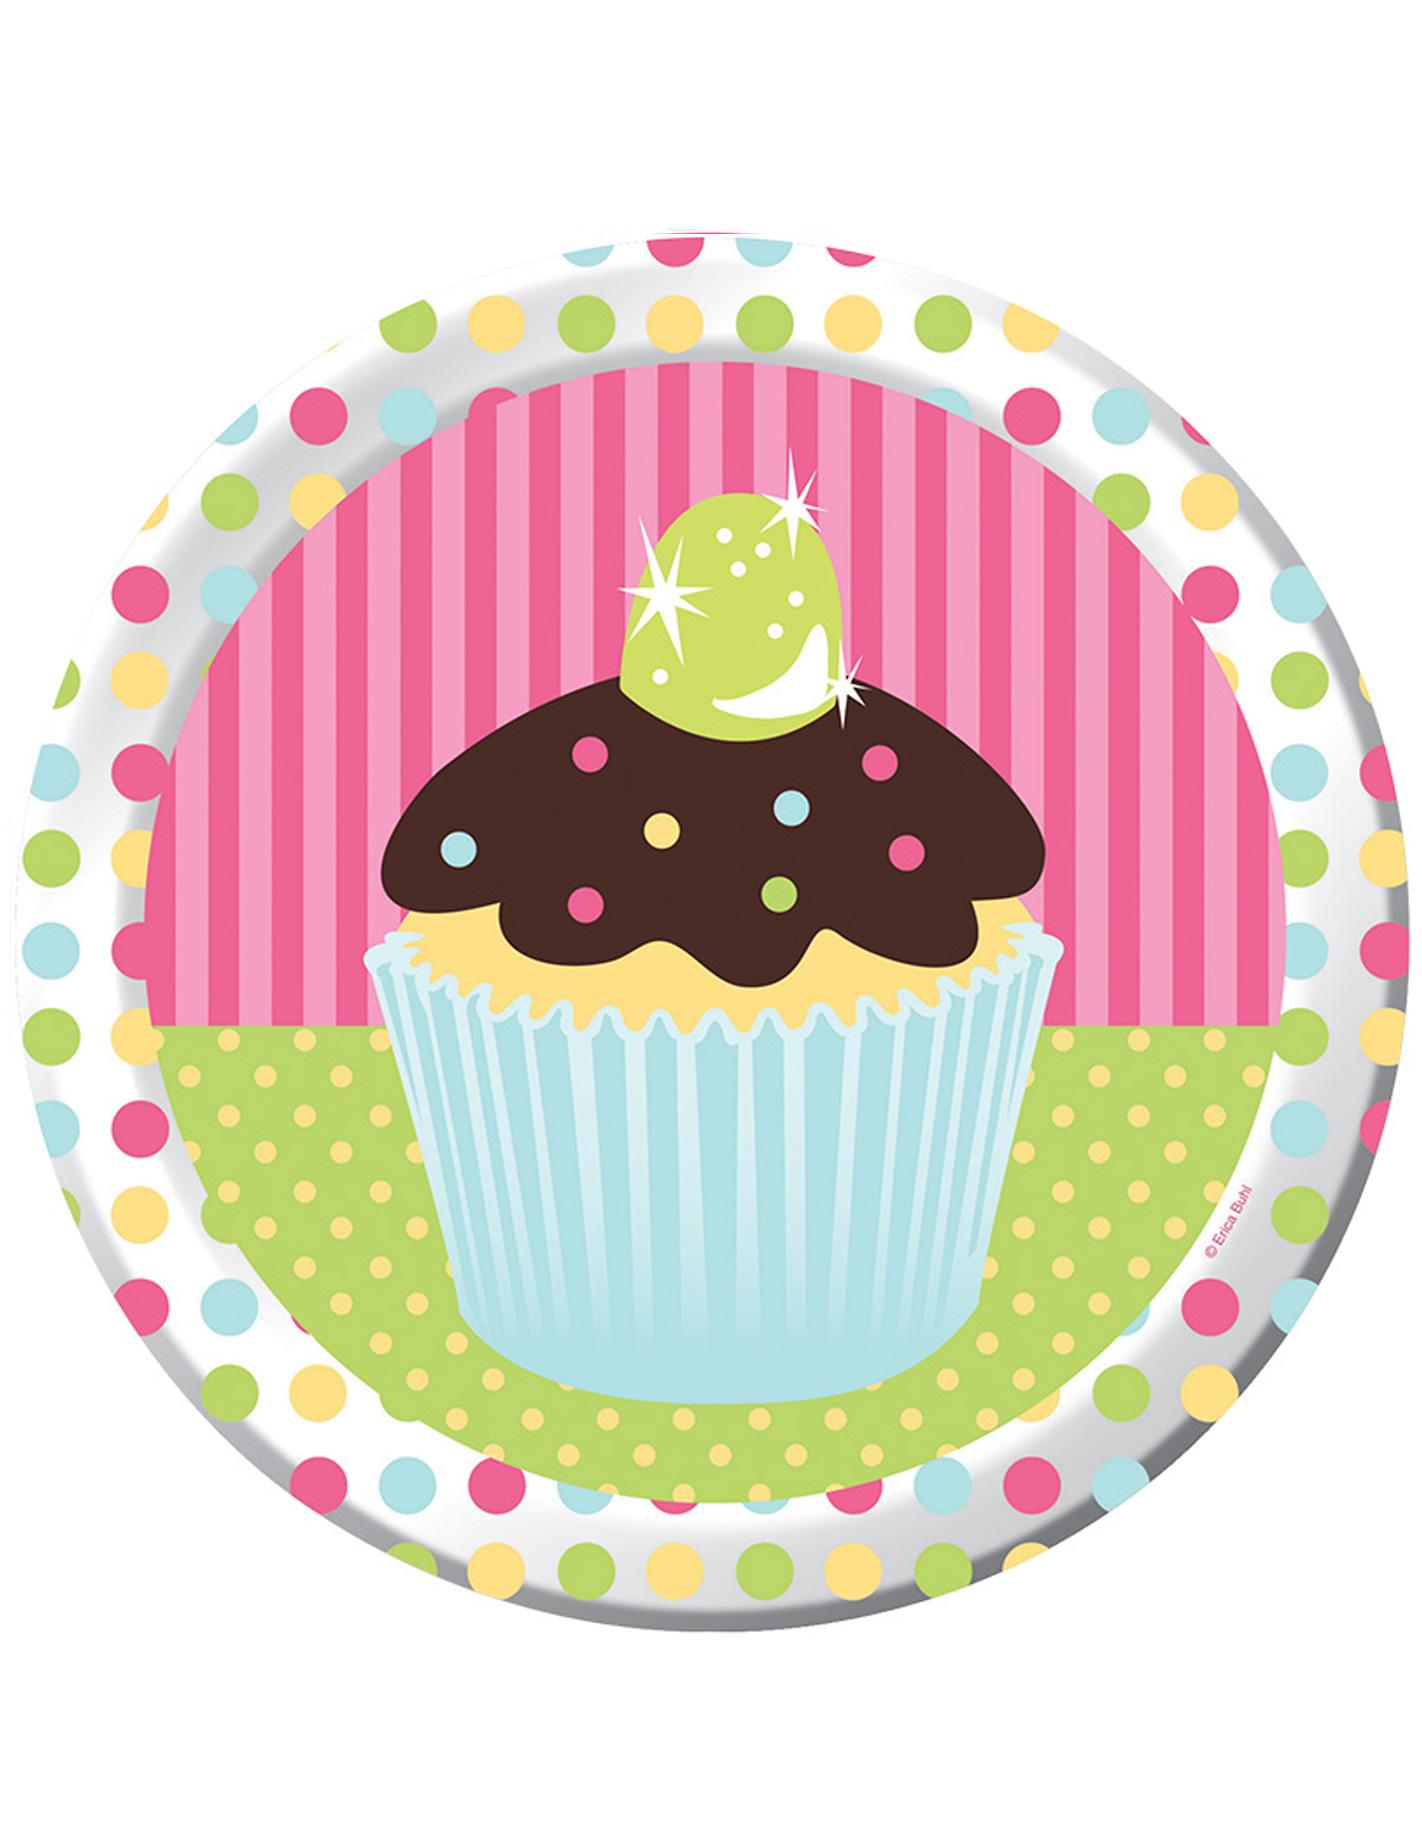 8 assiettes en carton cupcake anniversaire 23 cm d coration anniversaire et f tes th me sur. Black Bedroom Furniture Sets. Home Design Ideas